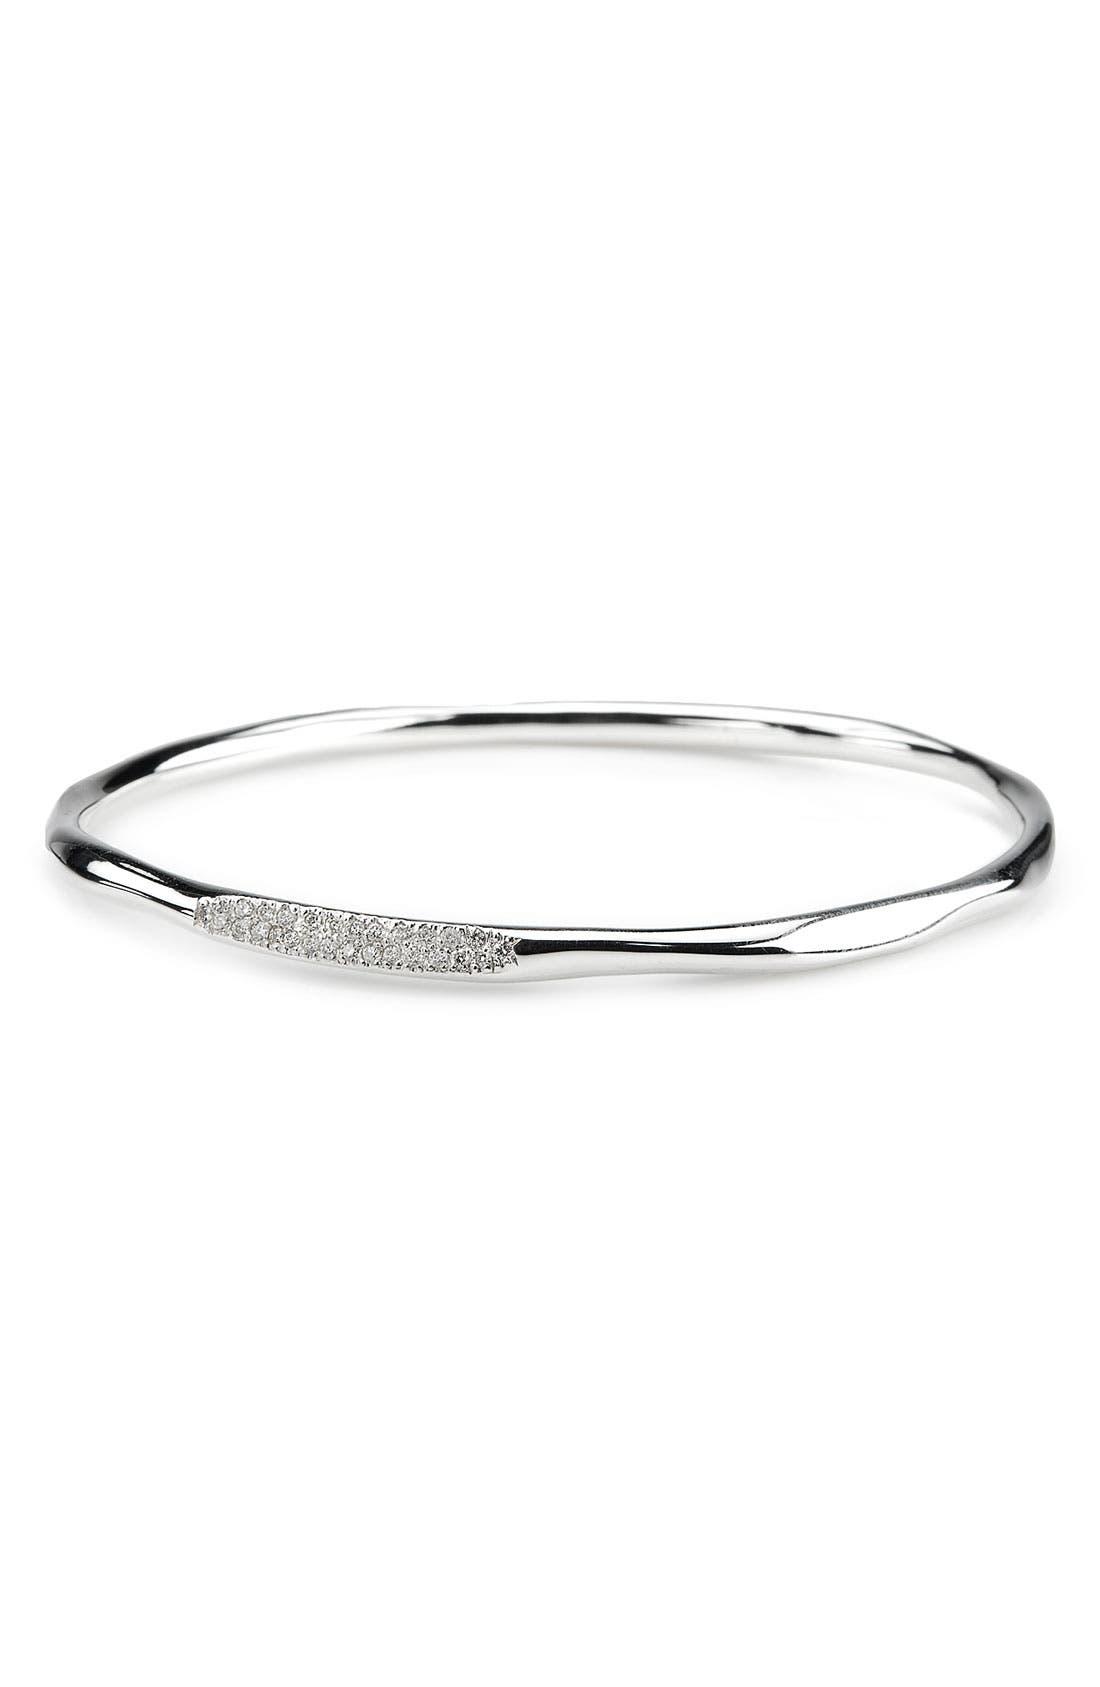 Main Image - Ippolita 'Silver Rain' Diamond Pavé Bangle